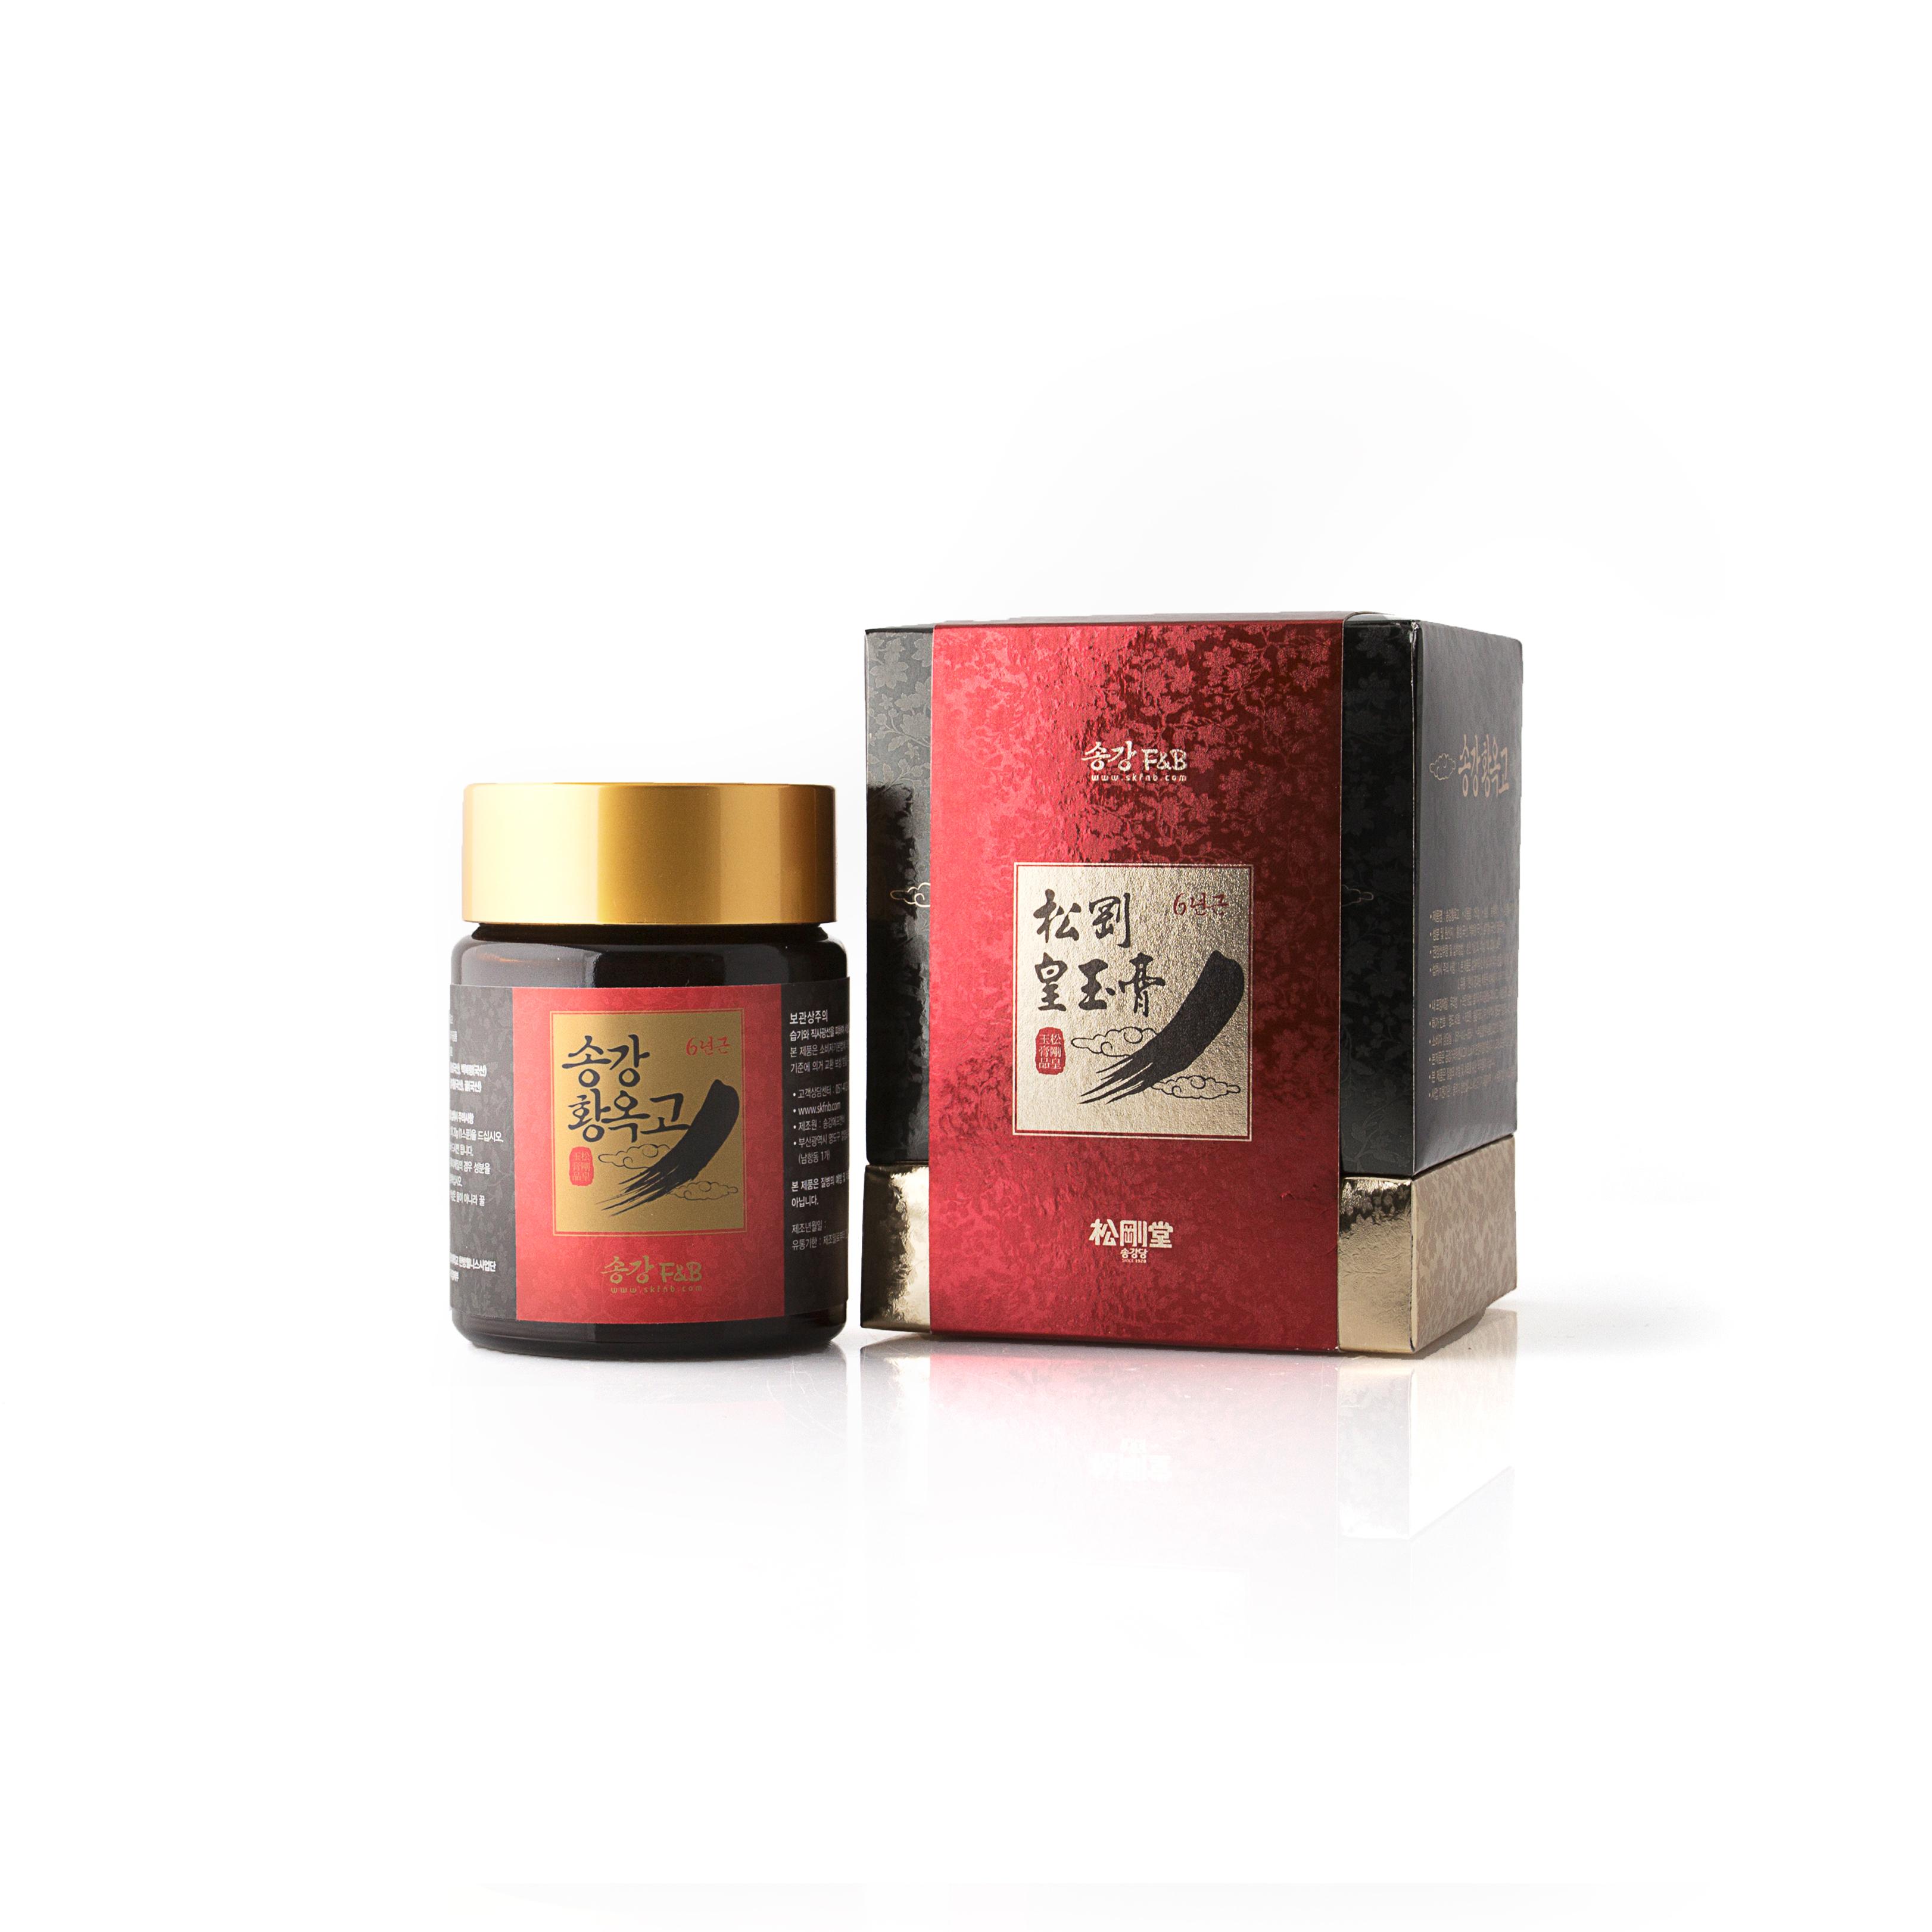 송강당 황옥고 150g / 면세점 판매 상품